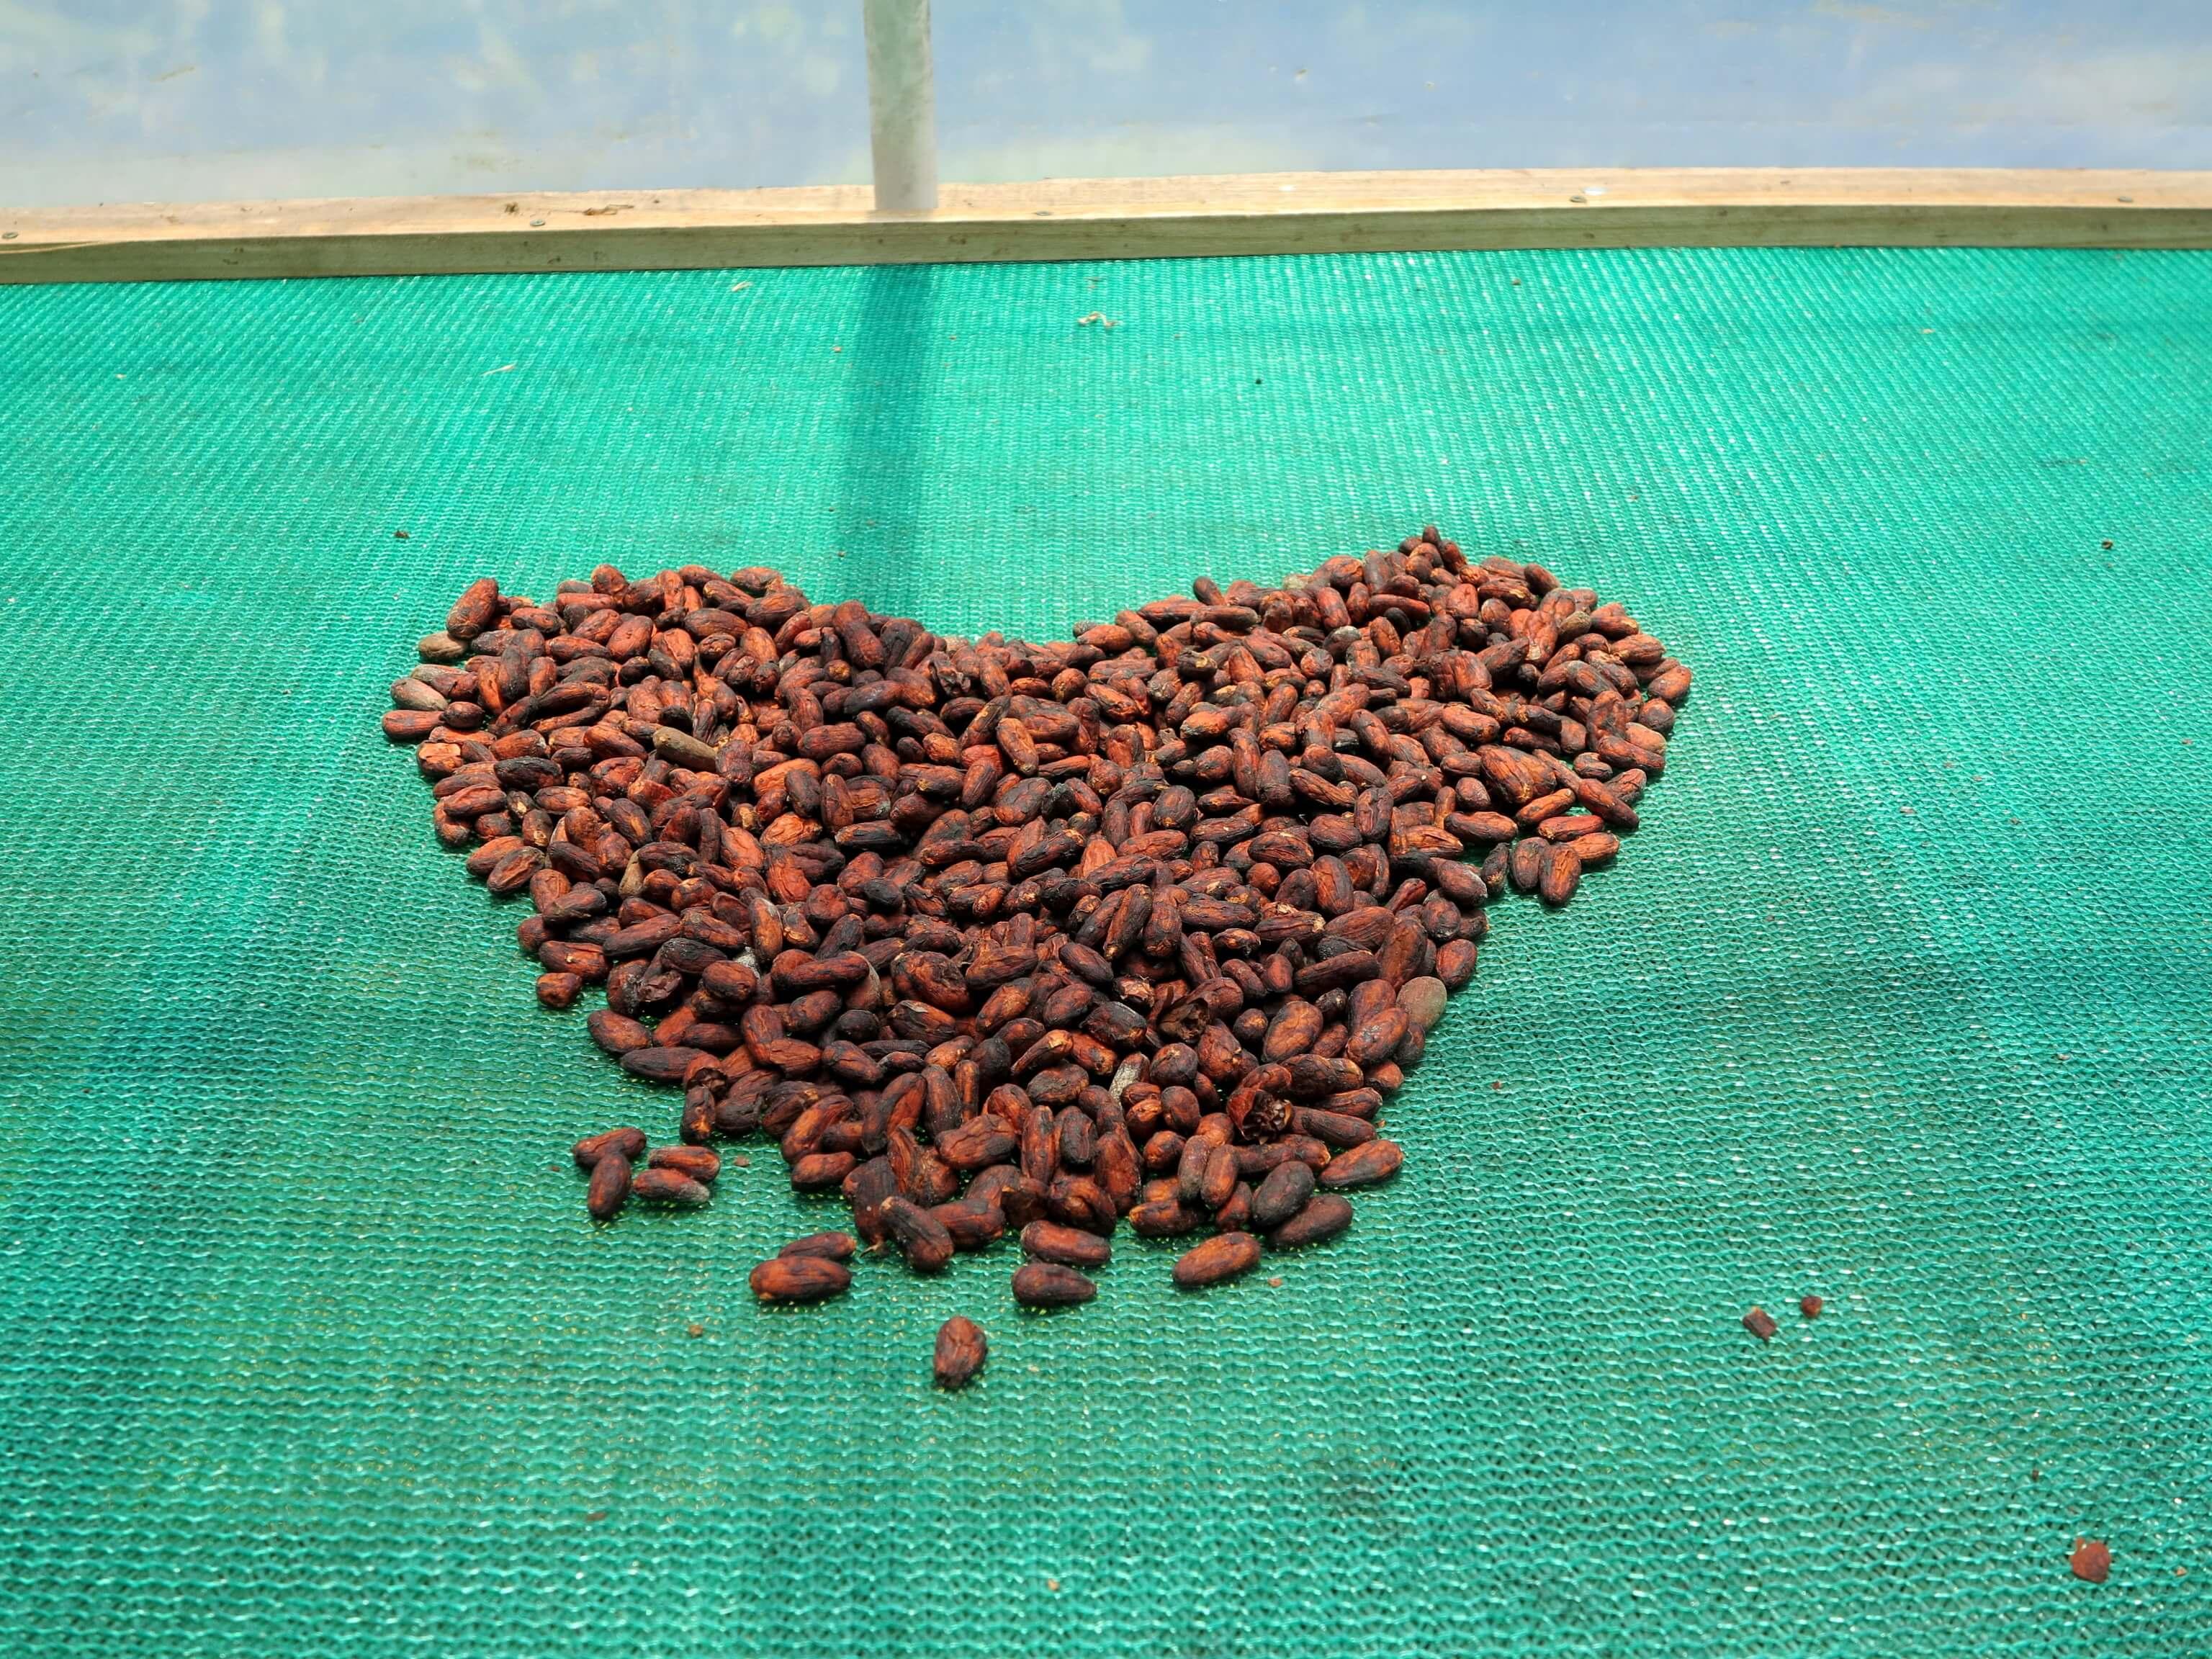 Geröstete Kakaobohnen sind schon ein super schmackhafter Snack